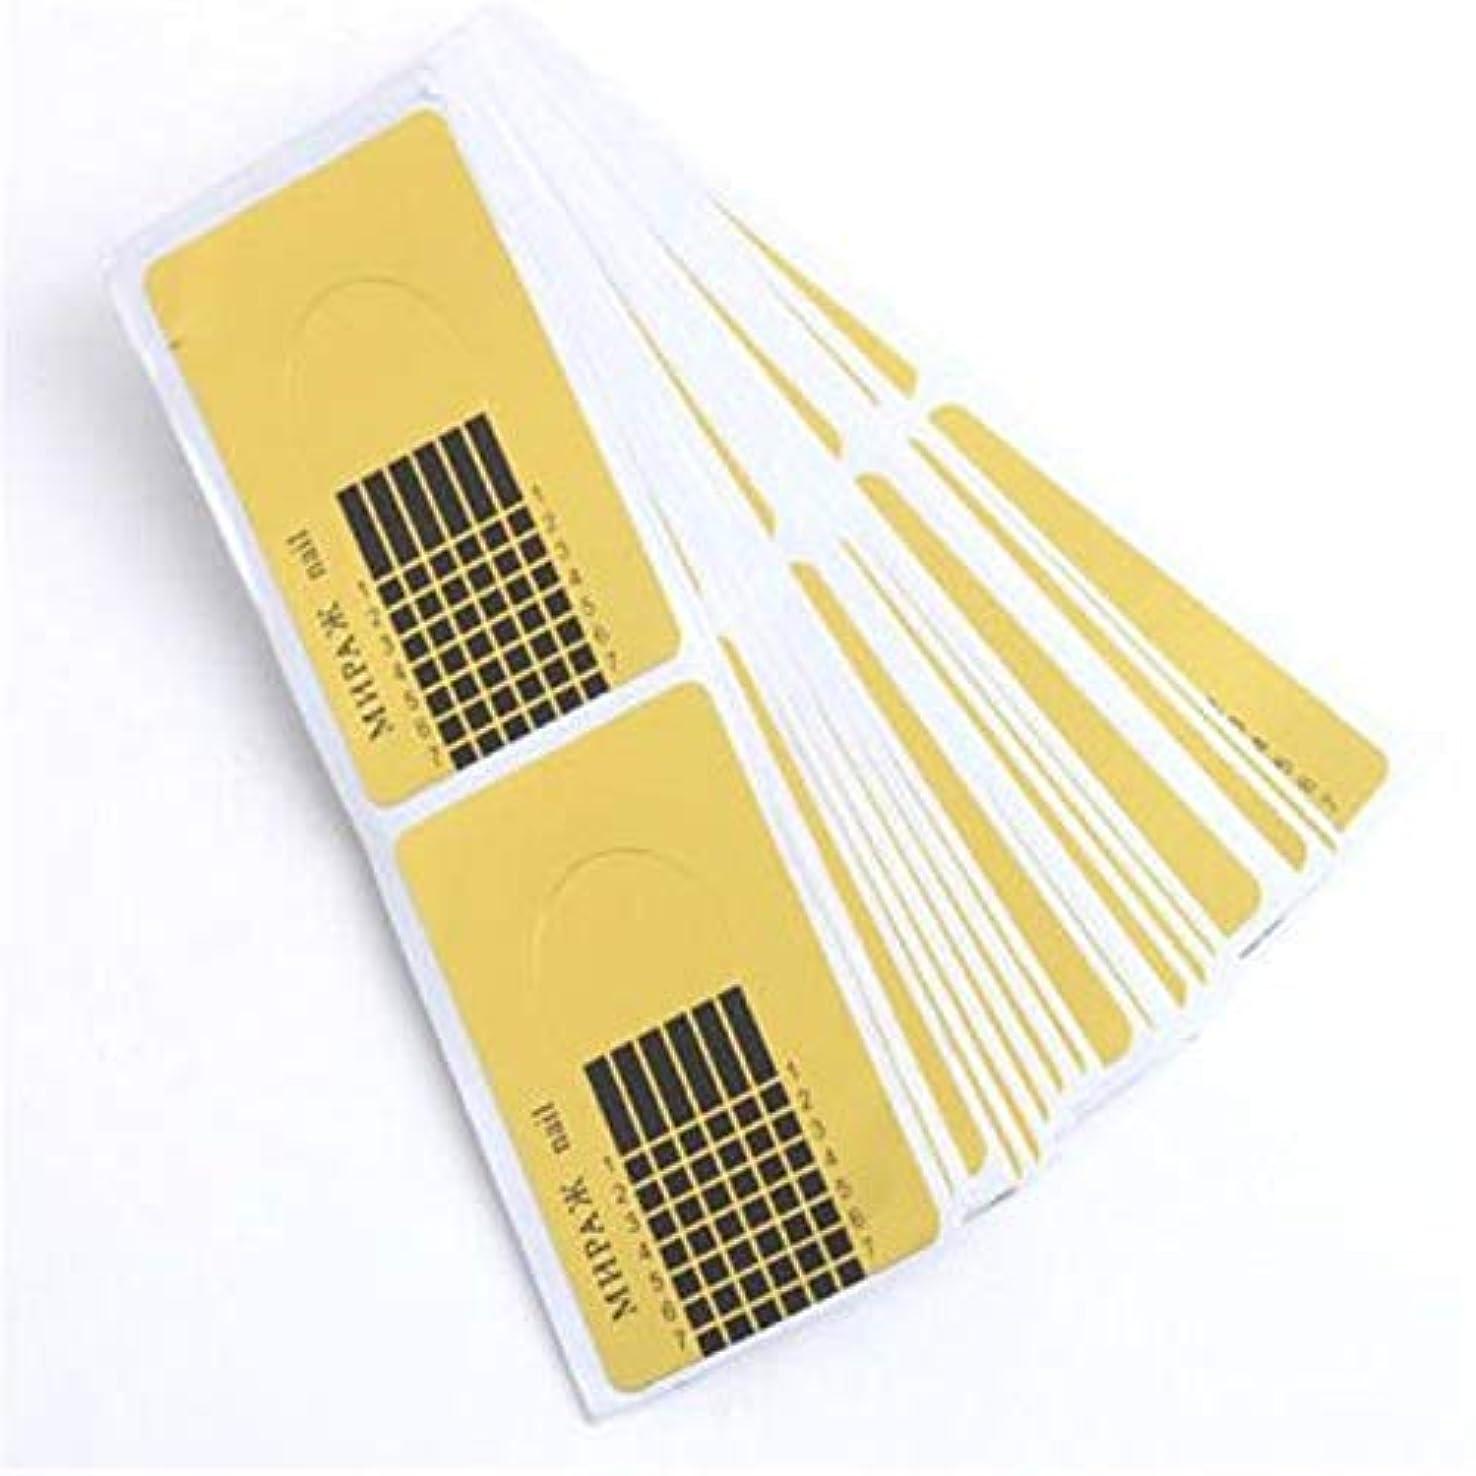 最大化する代表して真夜中Quzama-JS 先進デザイン100個新しいコンセプトゴールド昆虫タイプ指トリートメント爪サポートクリスタル特殊ホルダー(None golden)